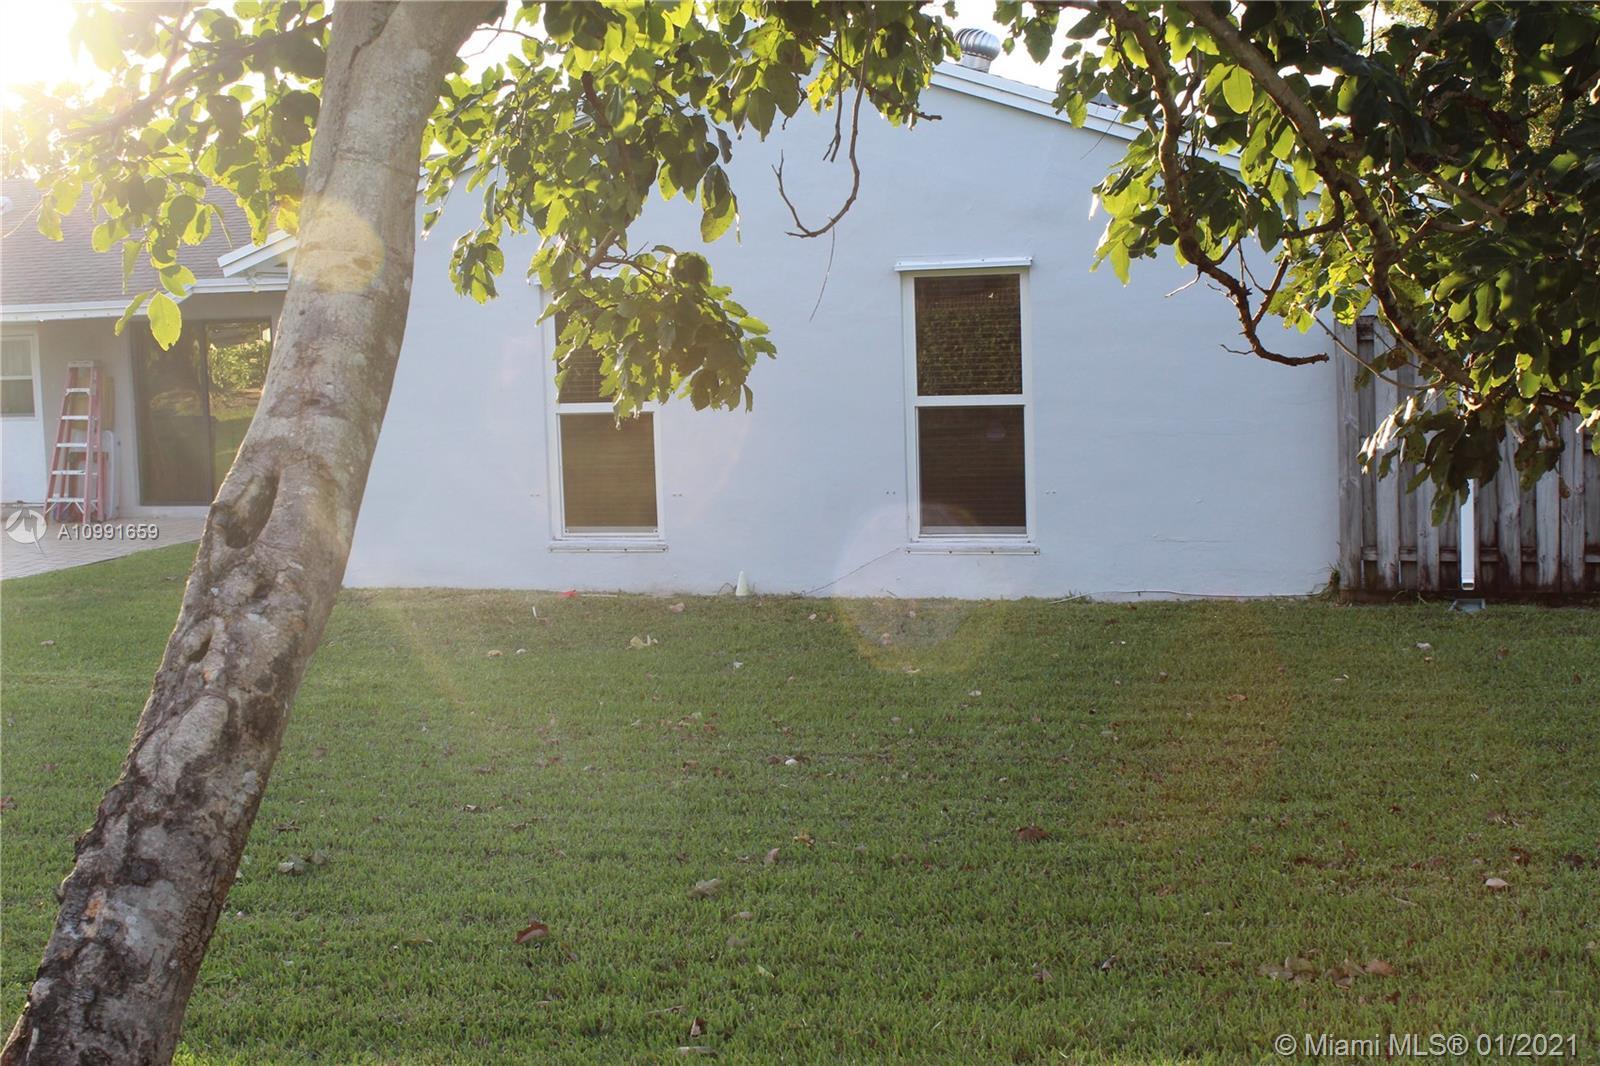 Bent Tree # - 04 - photo